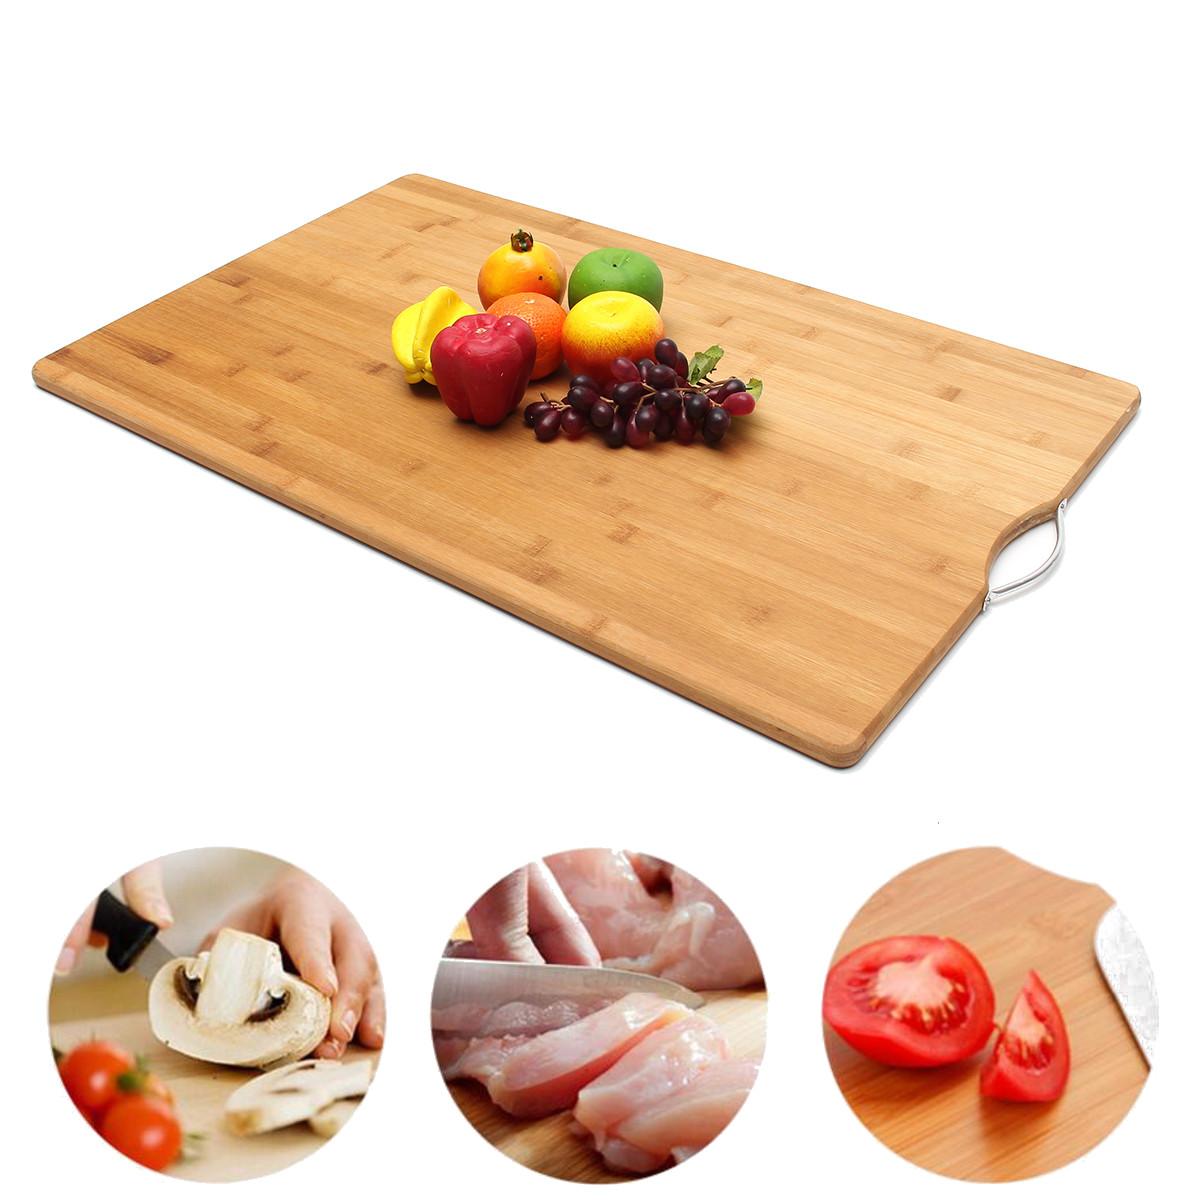 ExtraLARGECarbonisedKitchenбамбуковыйCutting Chopping Board с Крюк кухонной разделочной доской